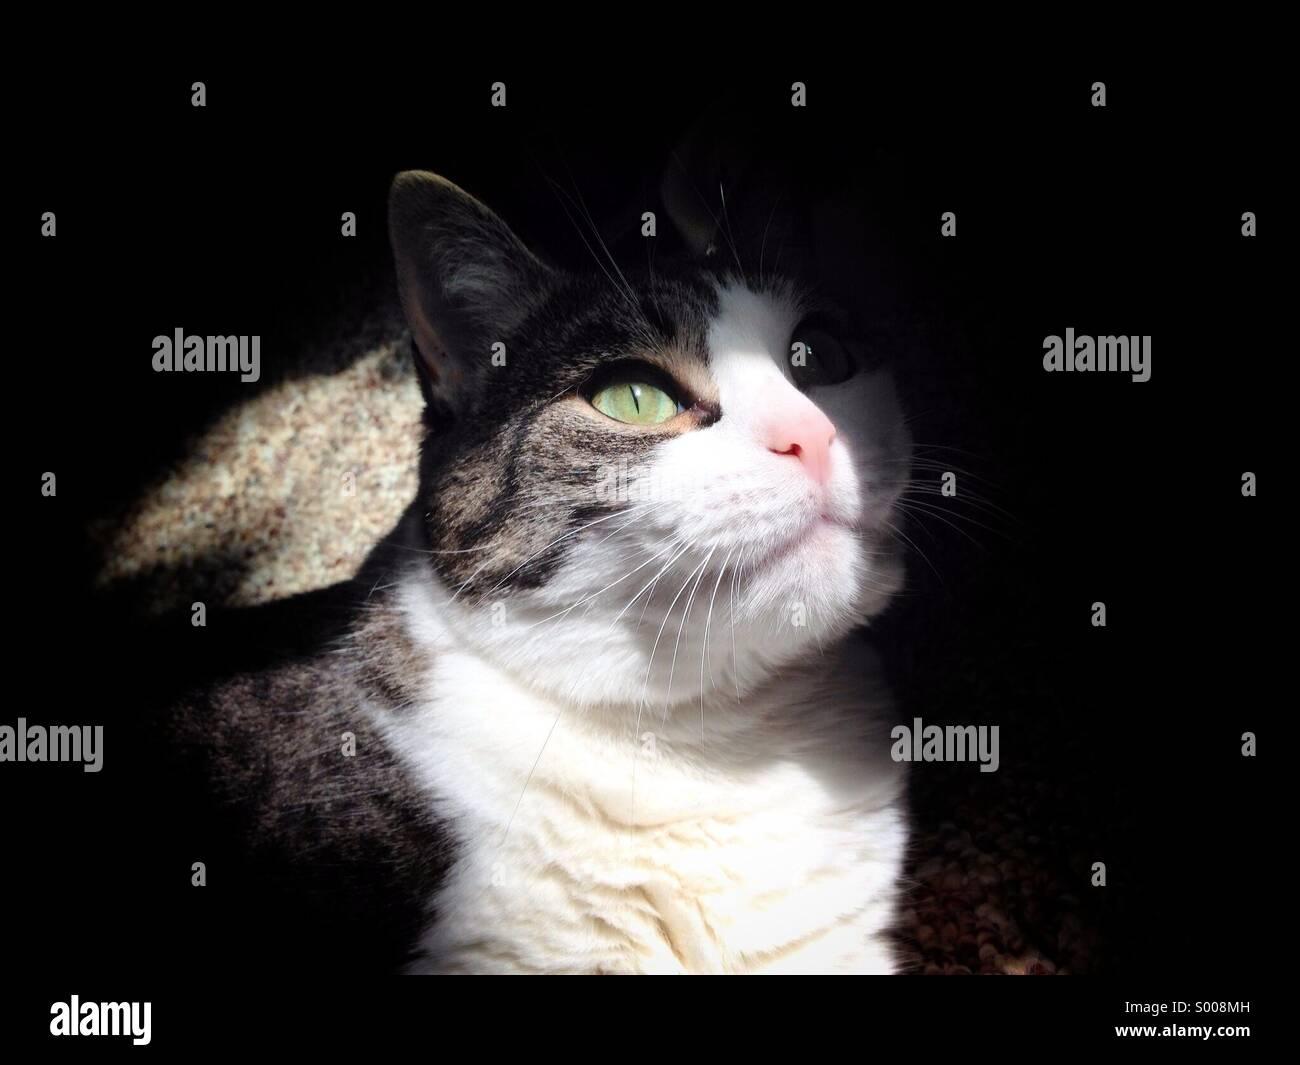 Kitty cat enjoying sunshine - Stock Image